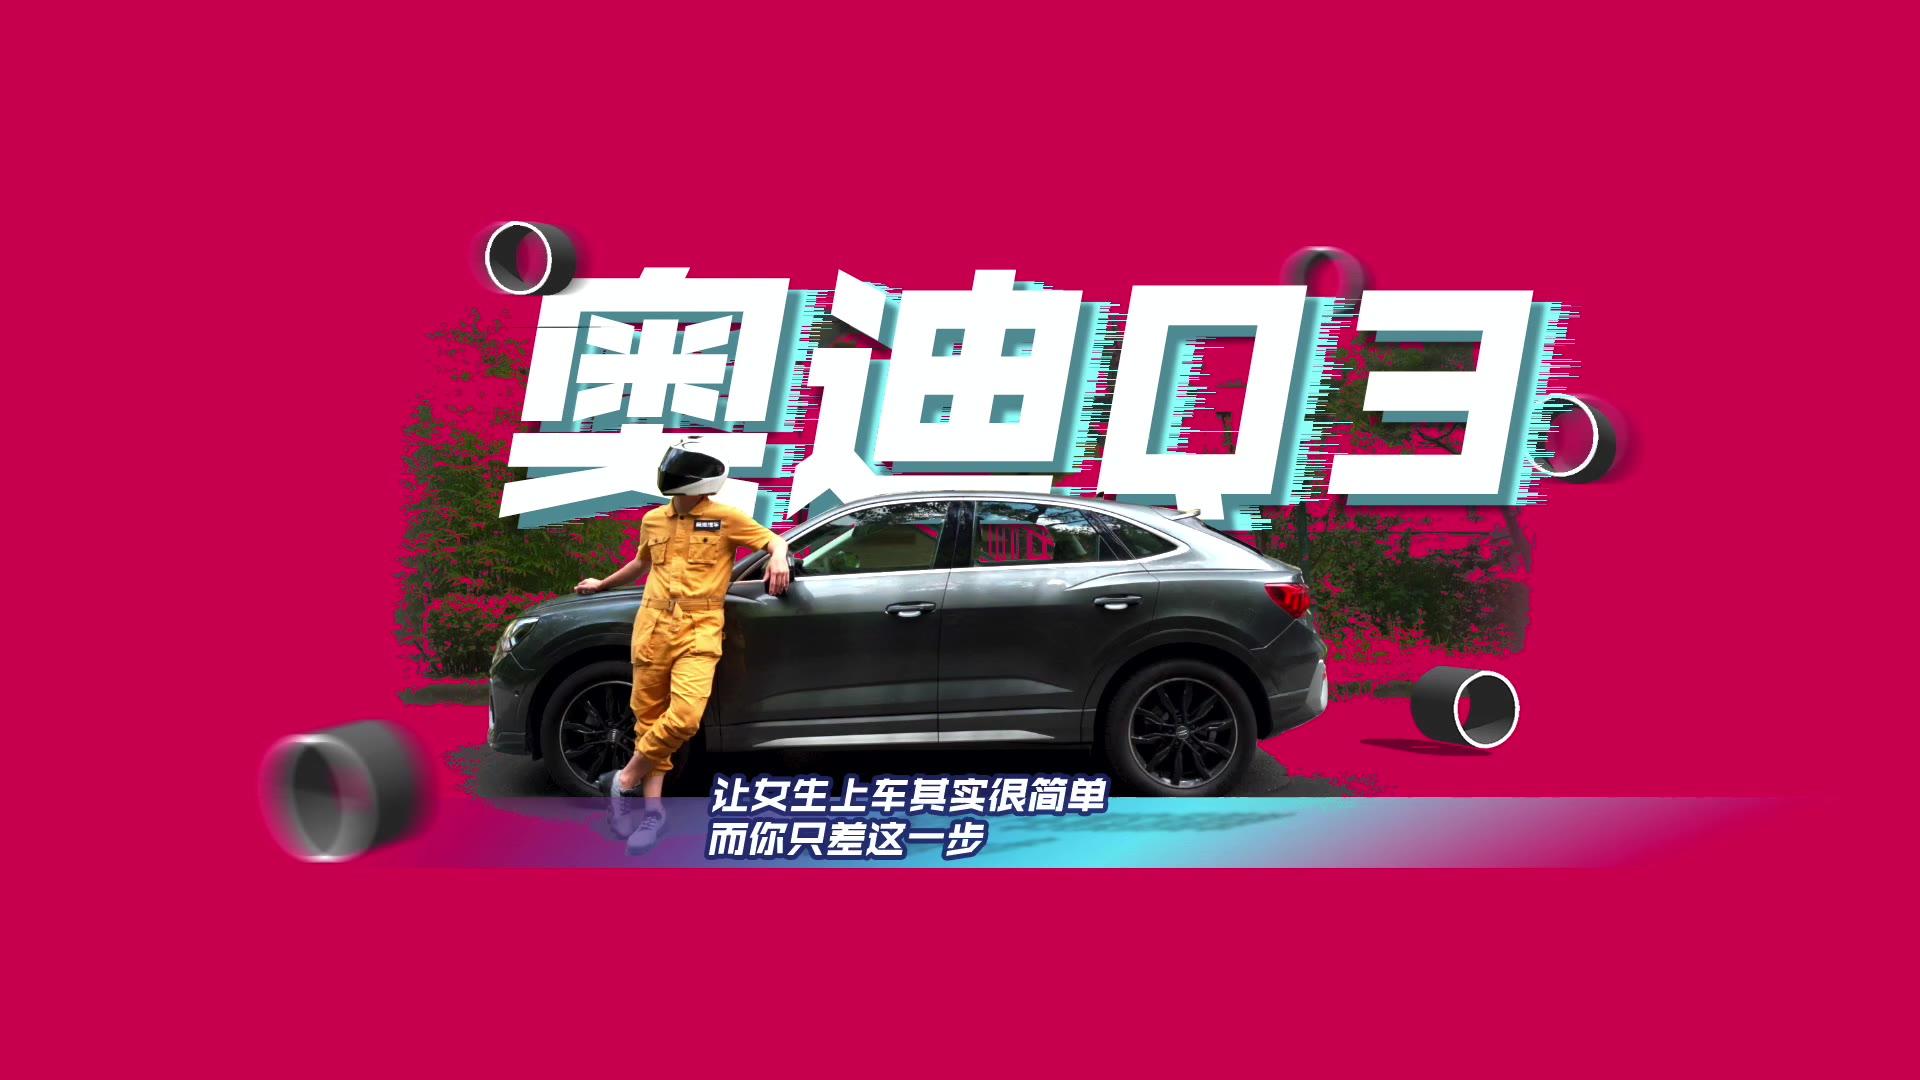 【暴走汽车】让小姐姐主动上车的奥迪Q3 Sportback!